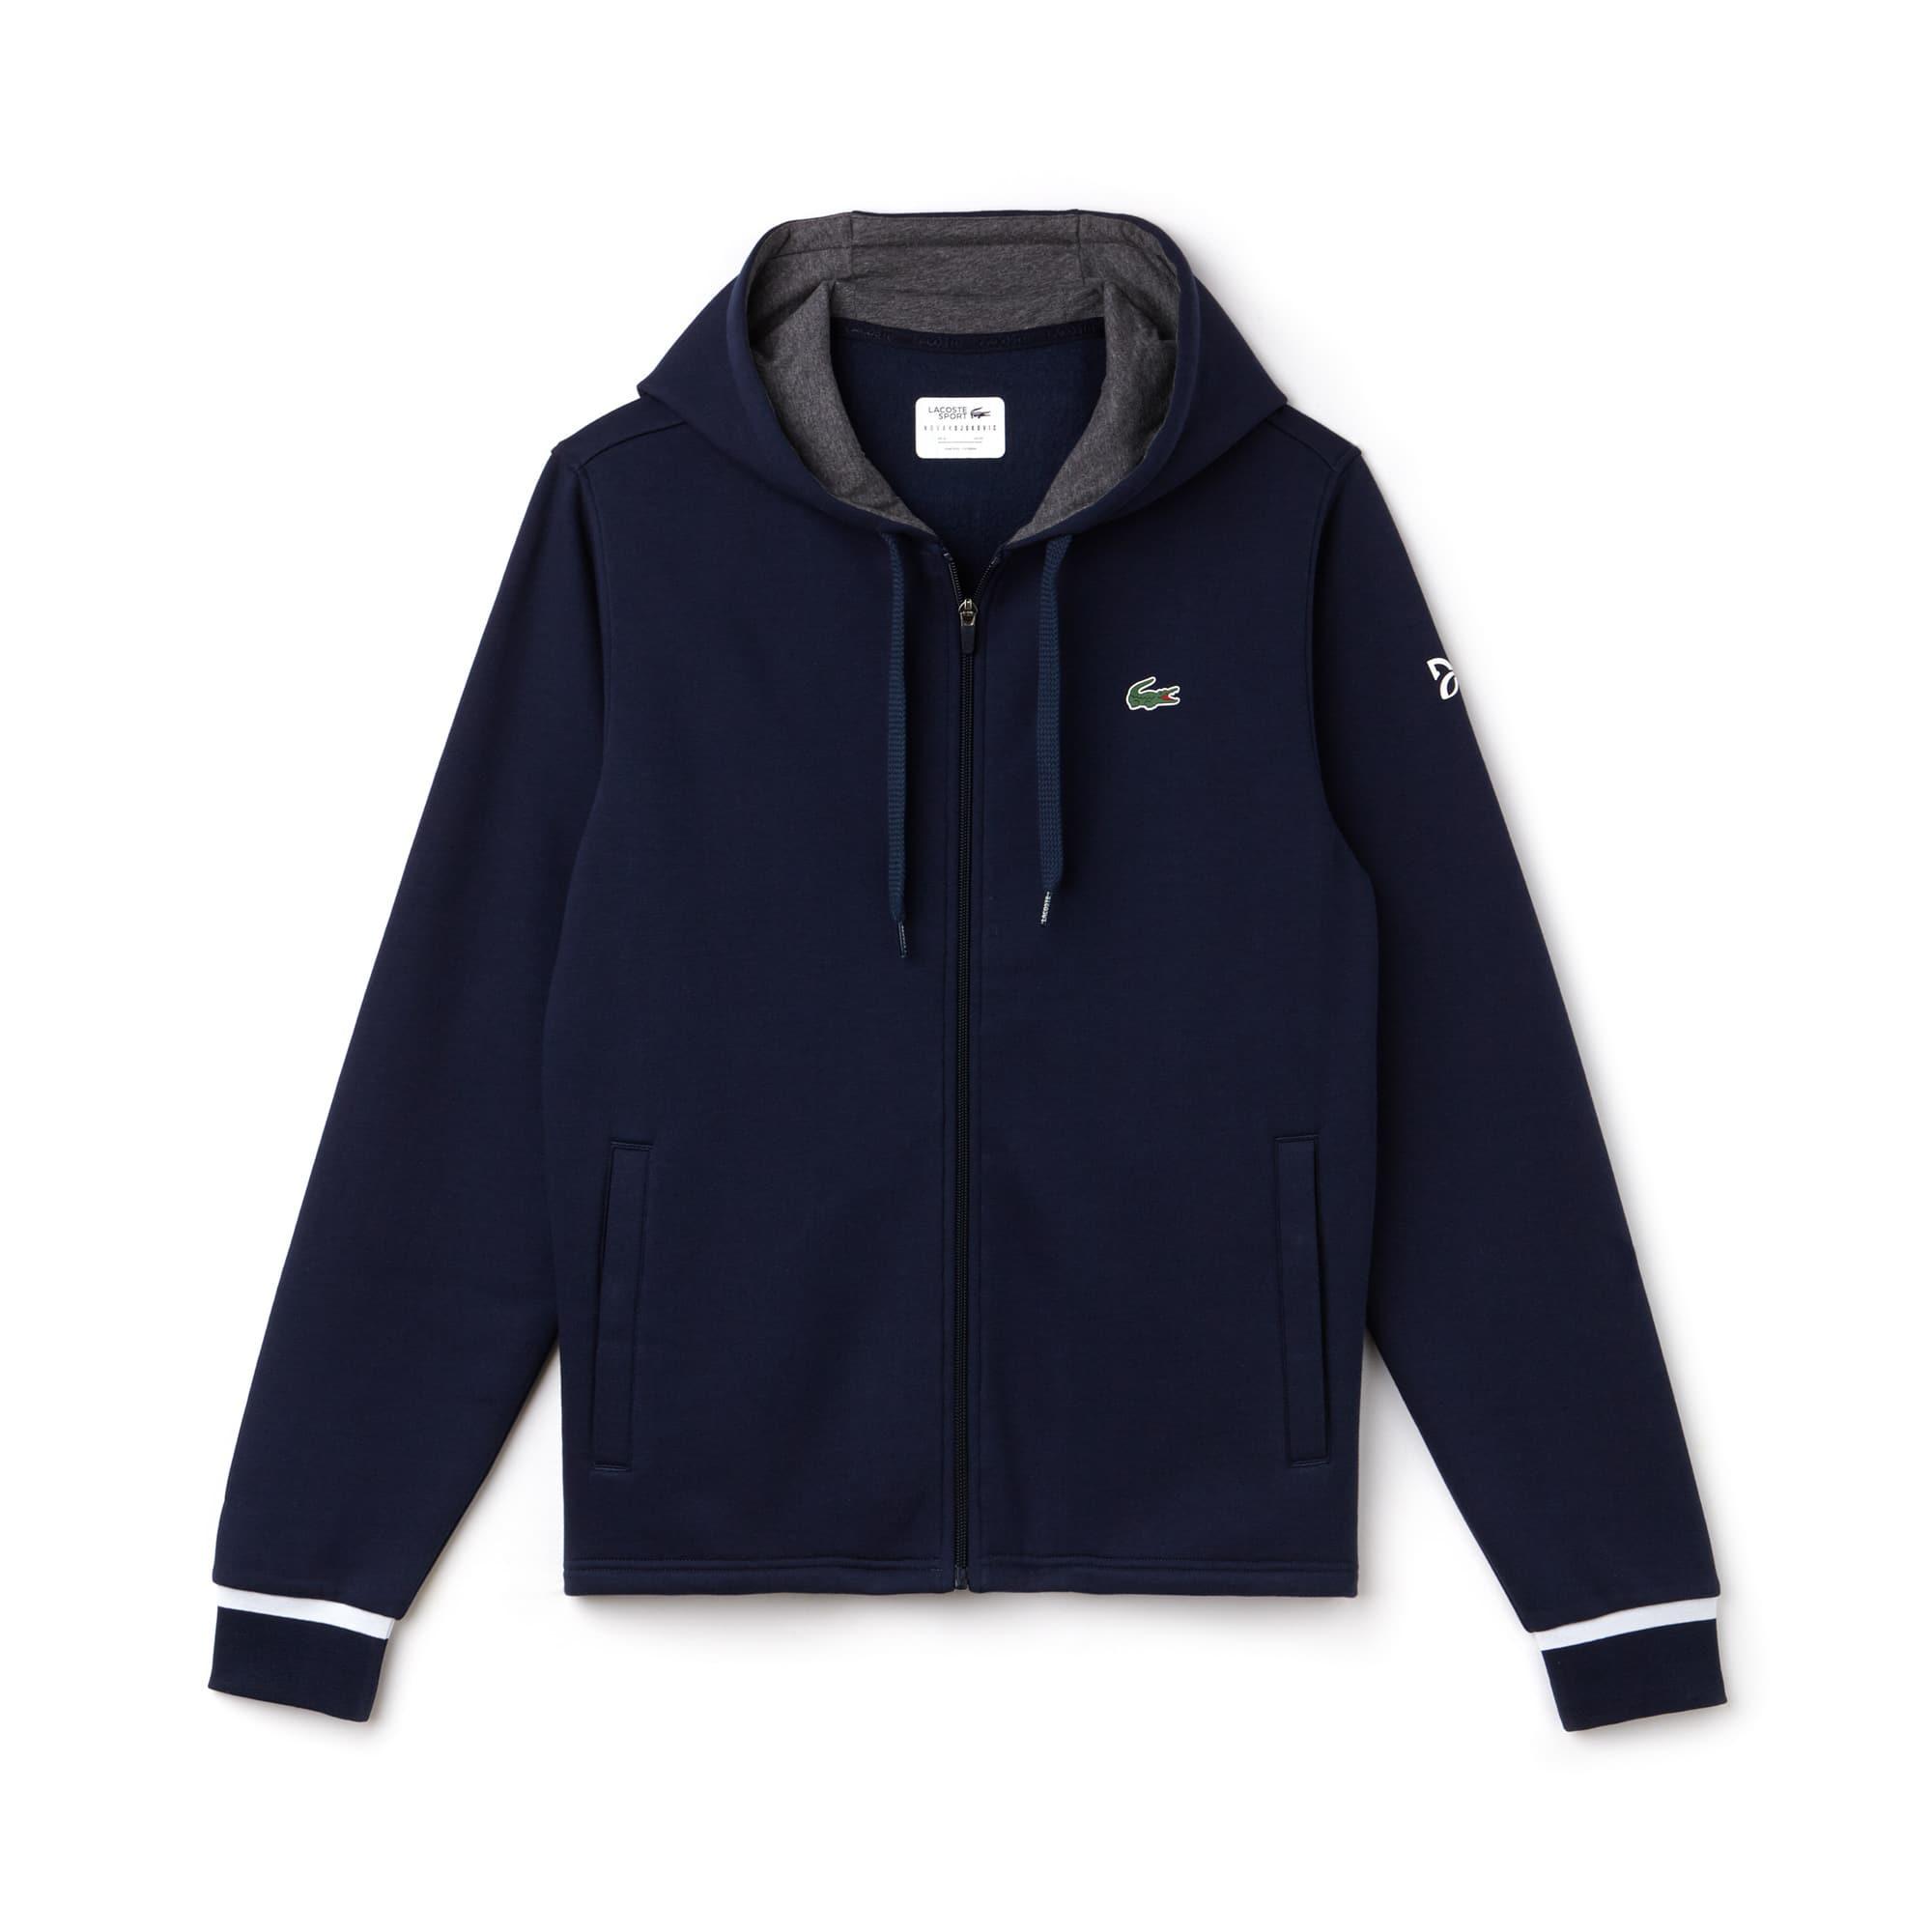 Men's SPORT Hooded Fleece Zip Sweatshirt - Novak Djokovic Supporter Collection